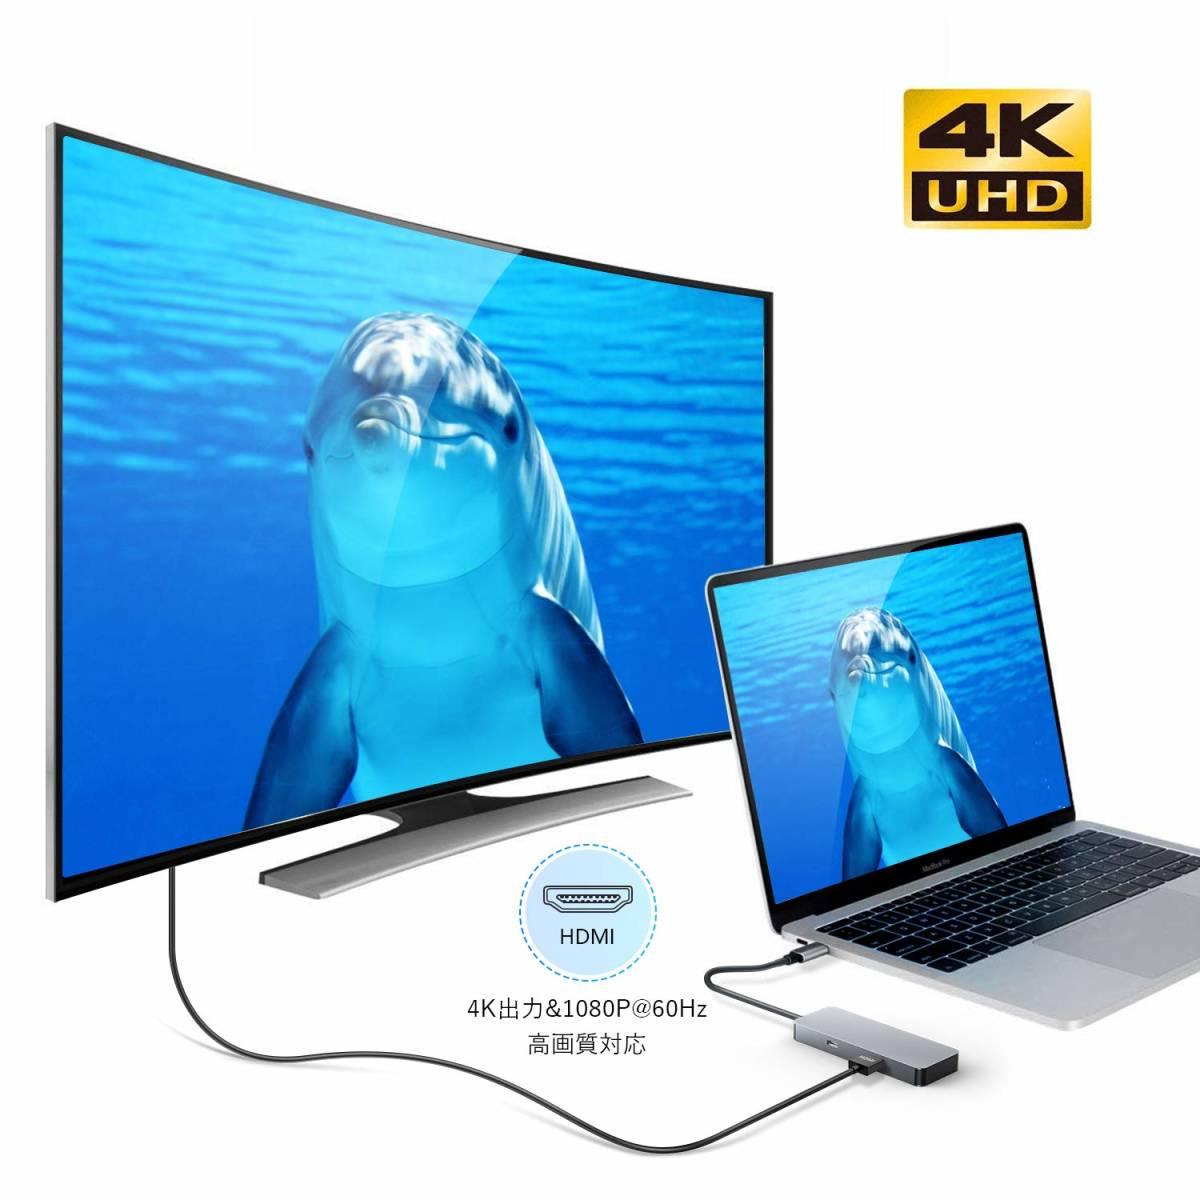 USB C ハブ 7in1 Type C ハブ USB3.0 ハブ HDMI出力 4K対応